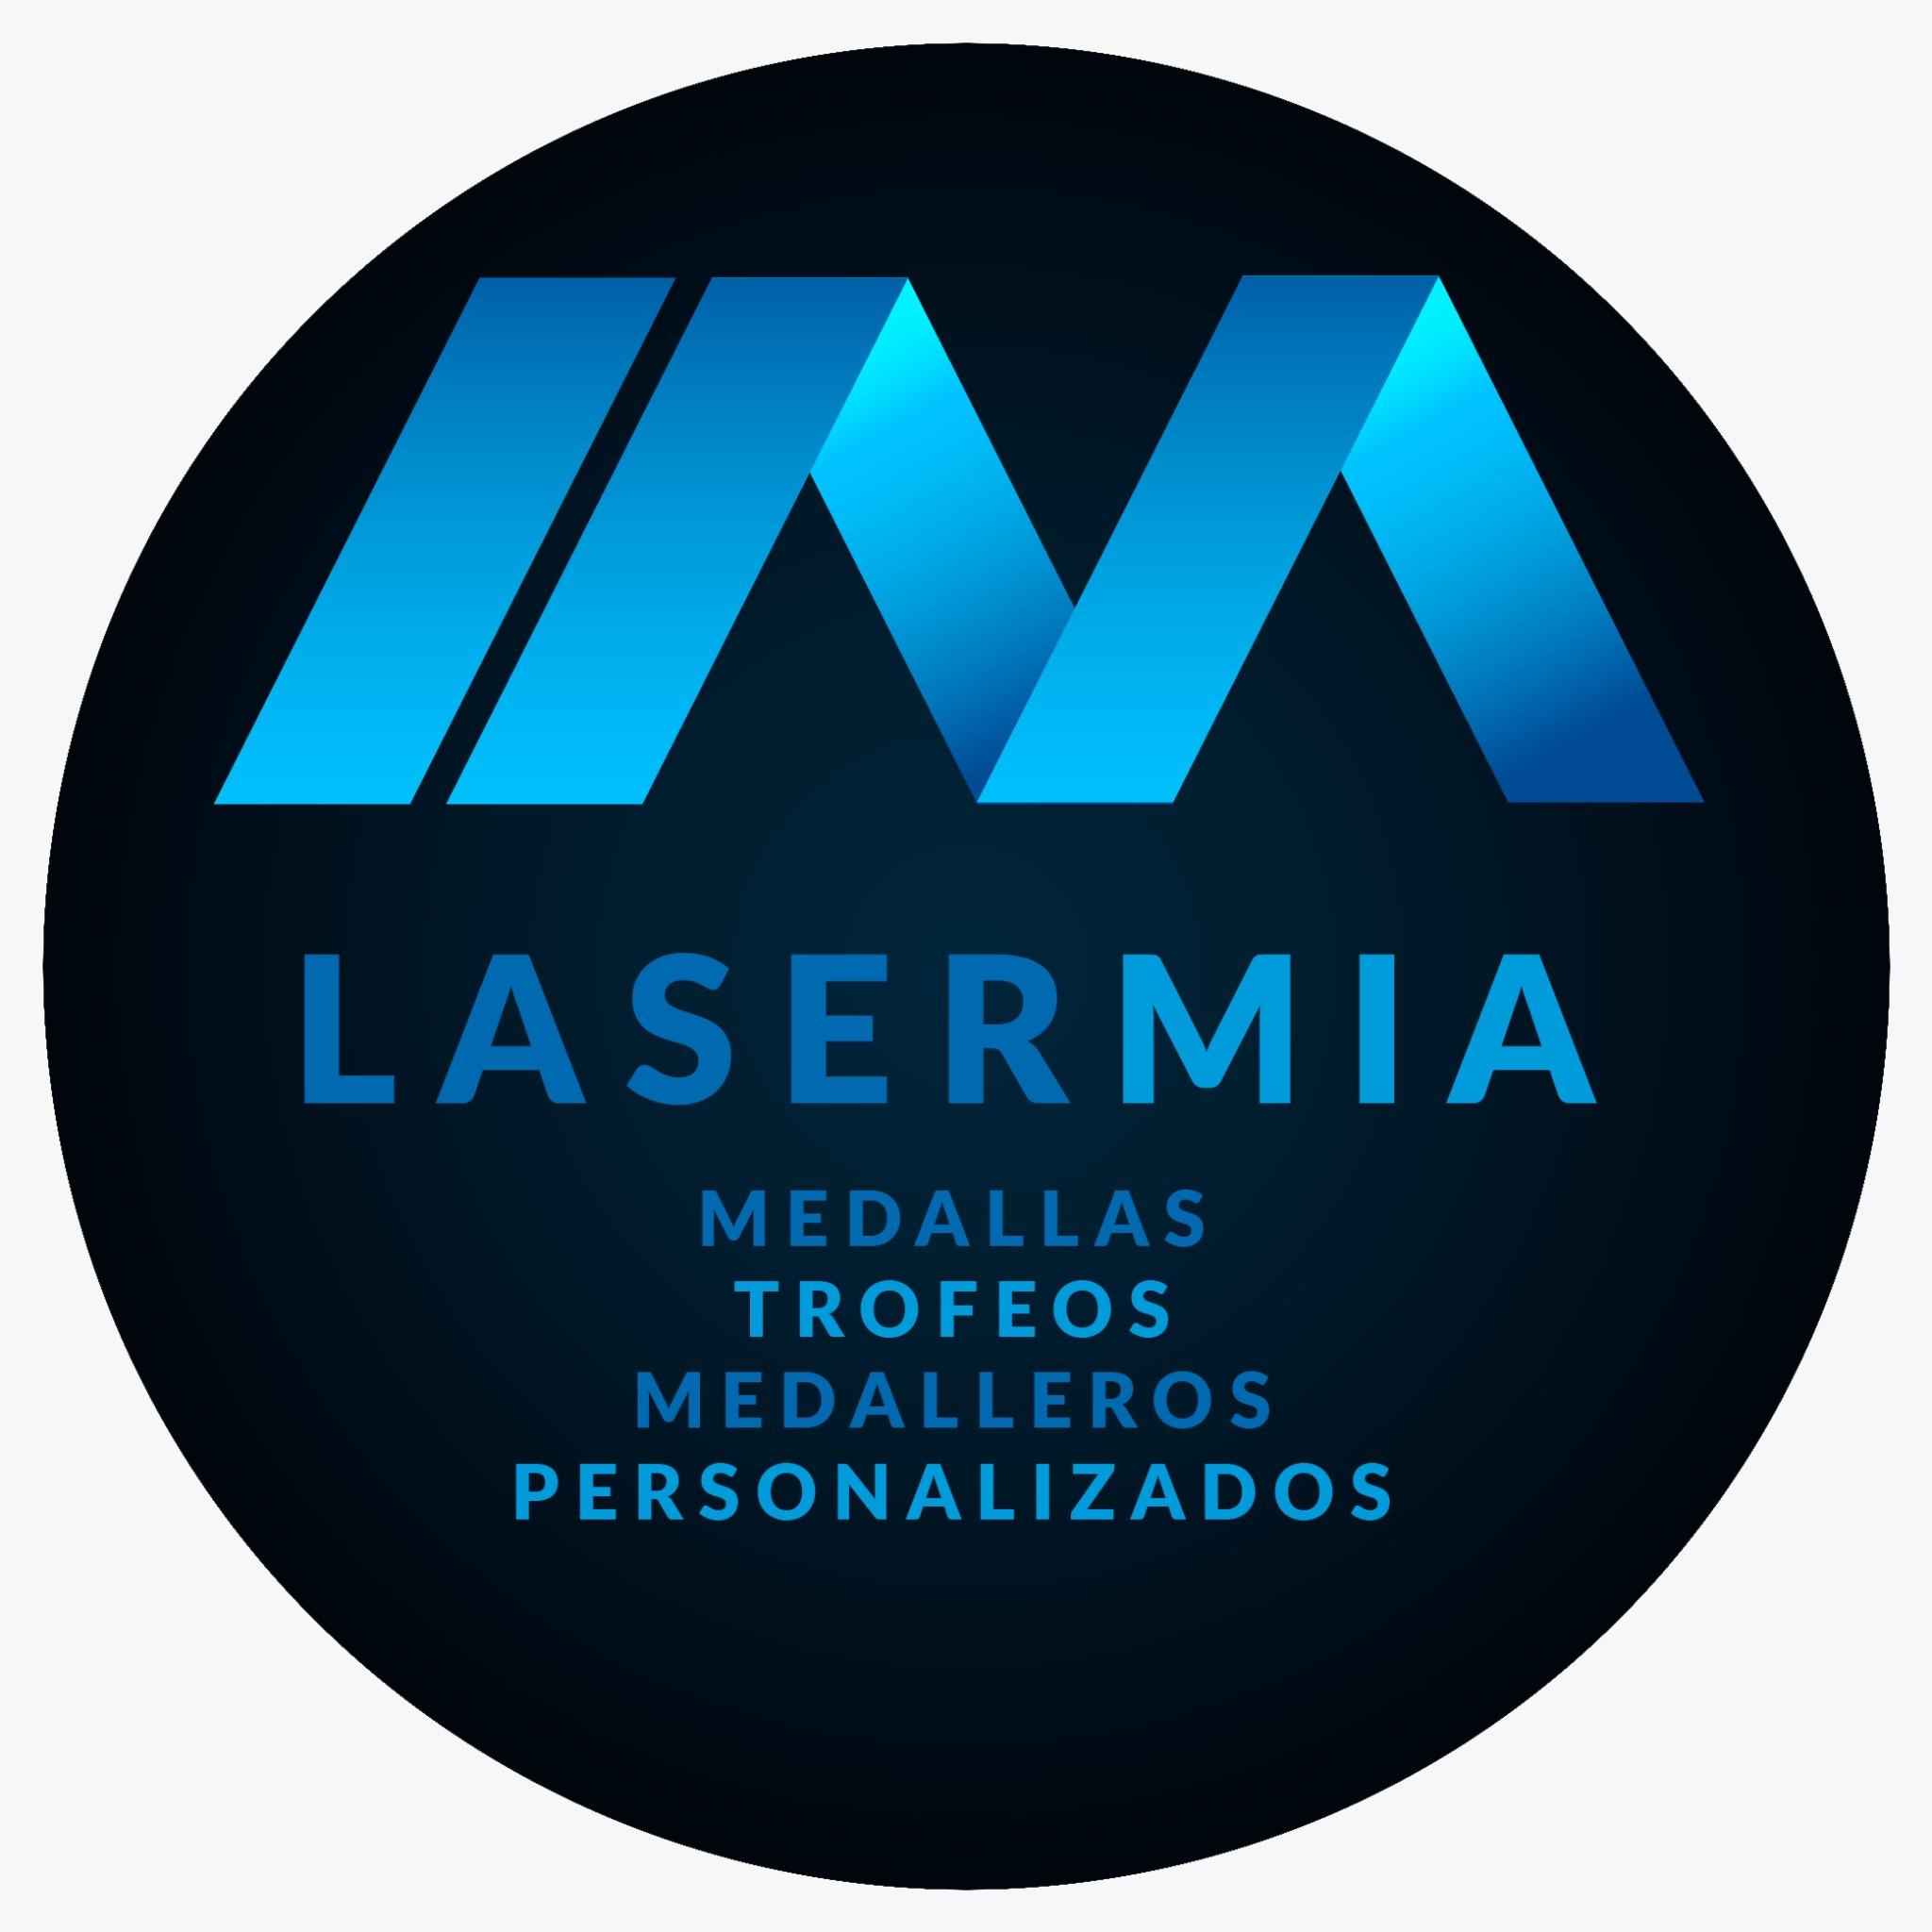 Medallas LASERMIA